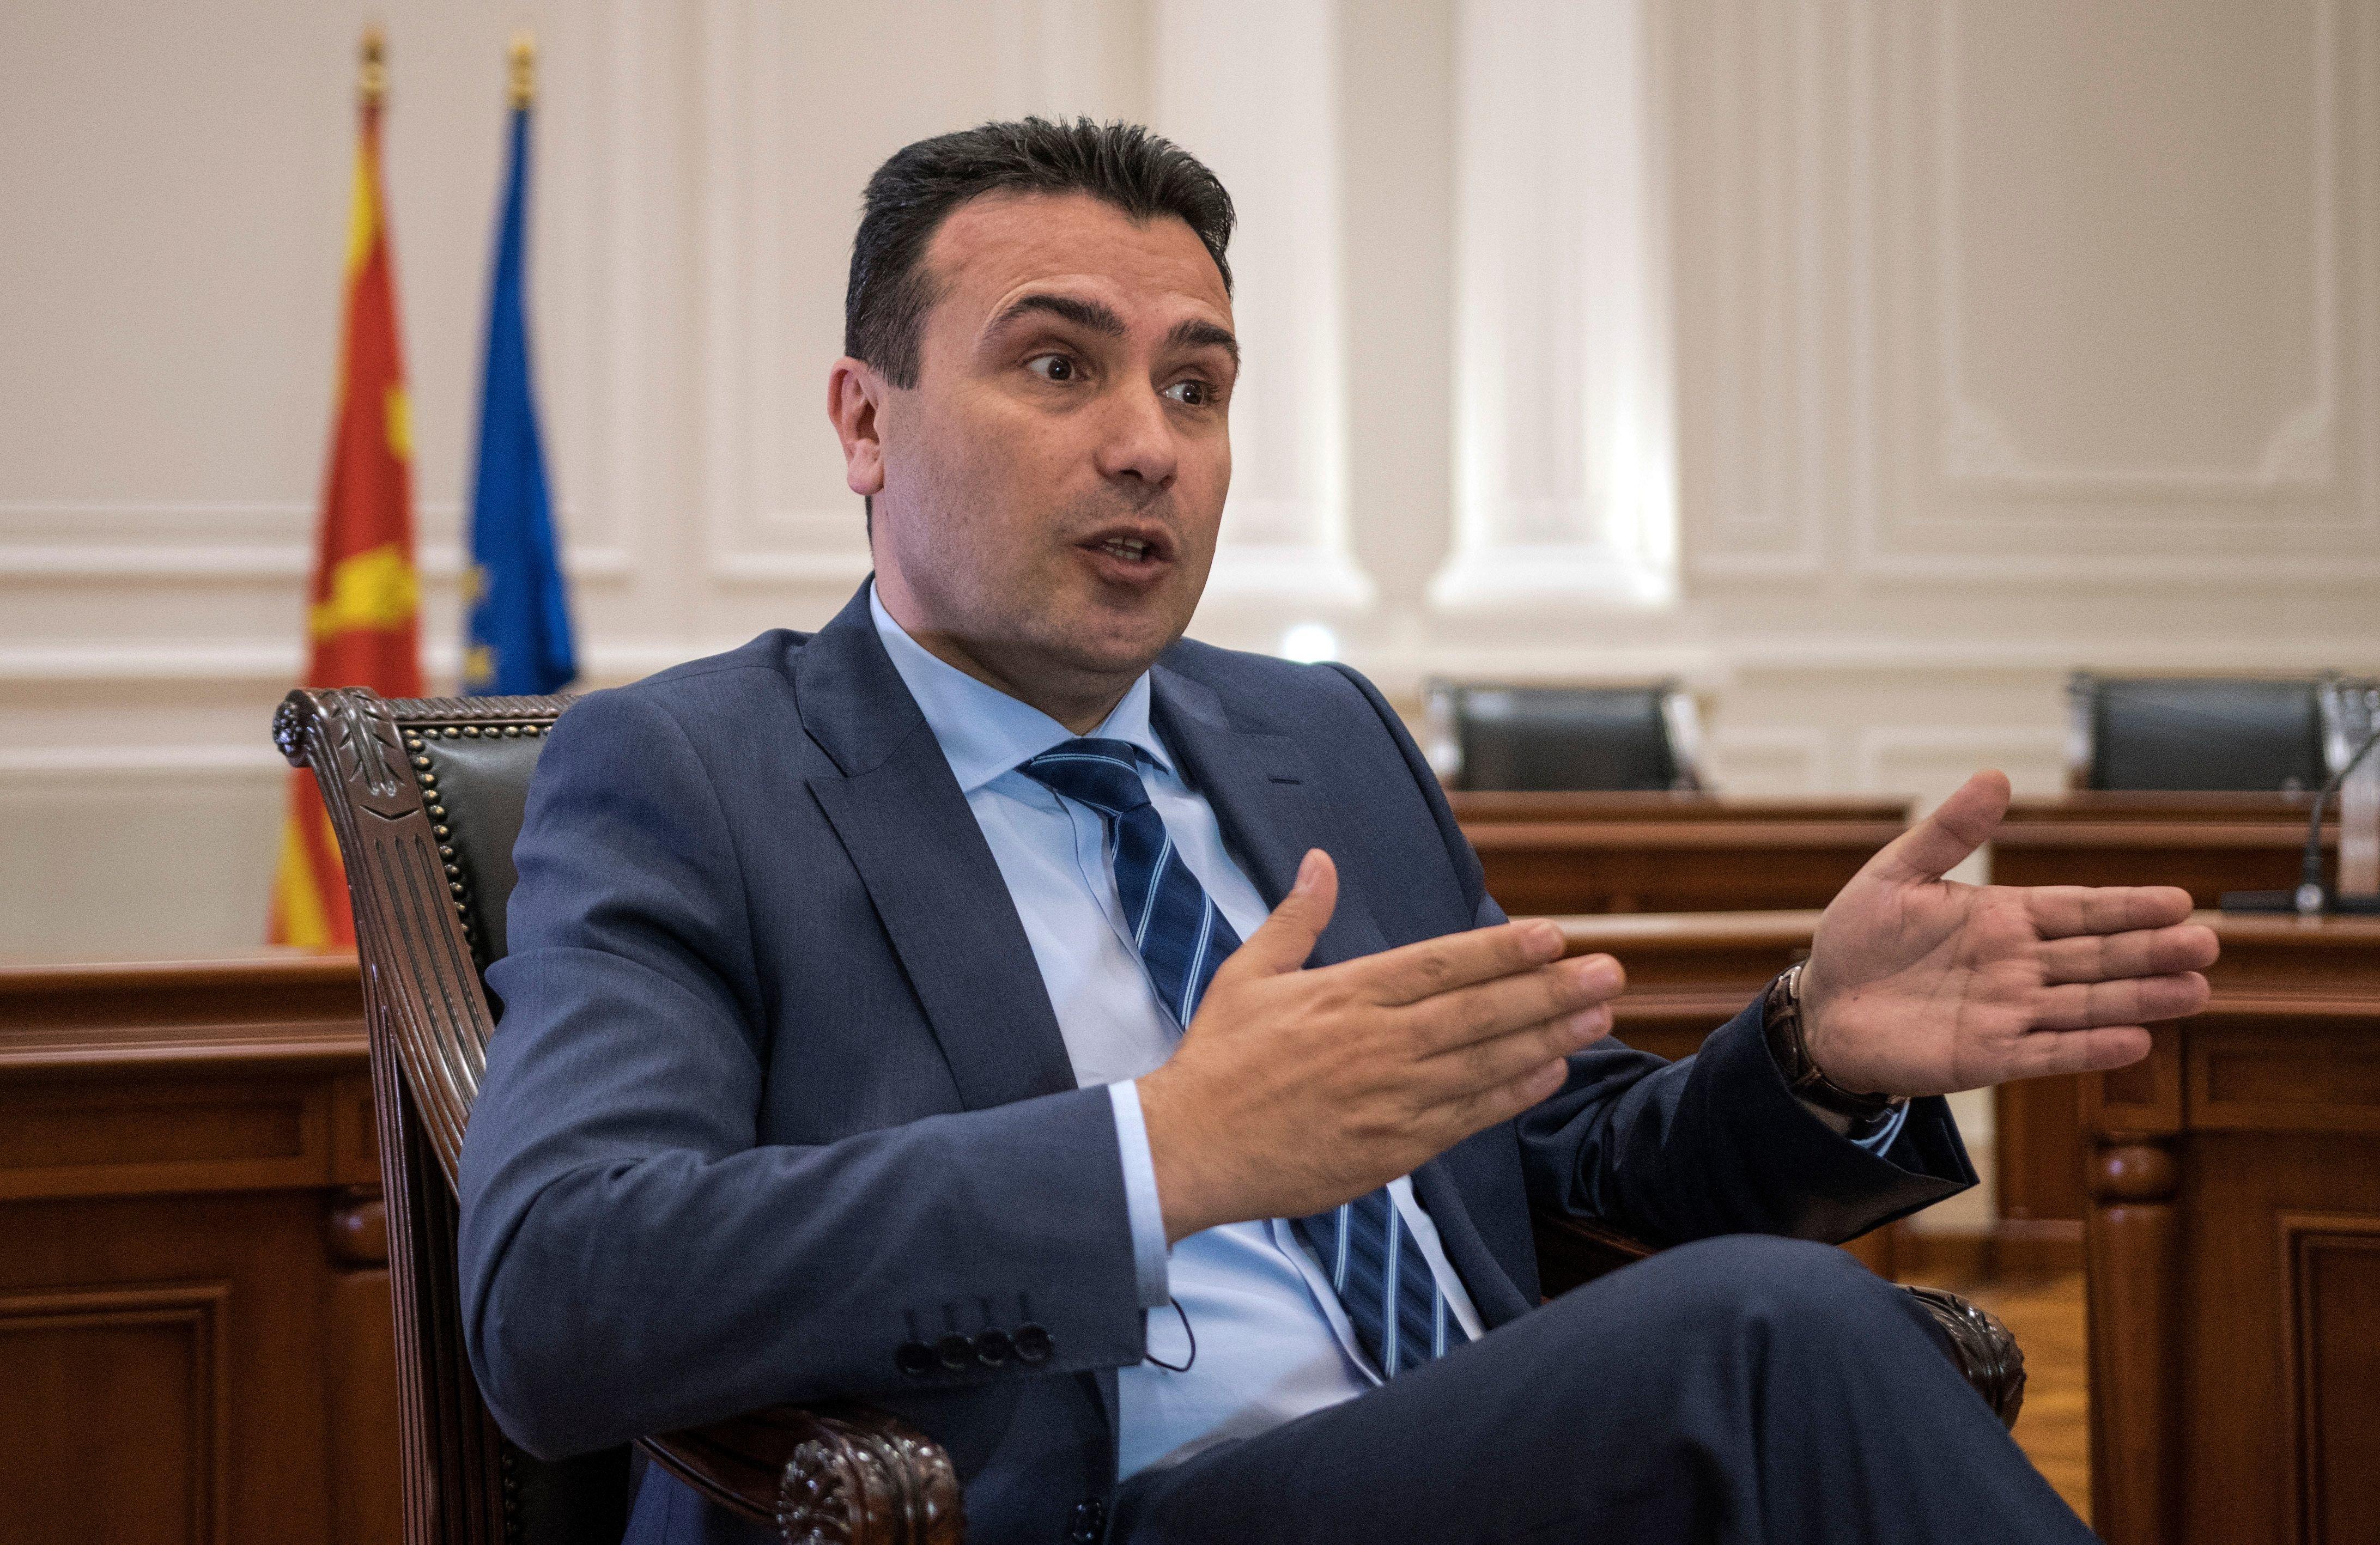 Συνέντευξη Ζάεφ στην ΕΡΤ: Έτσι φτάσαμε σε συμφωνία με τον Τσίπρα. Οι πιθανές ημερομηνίες του